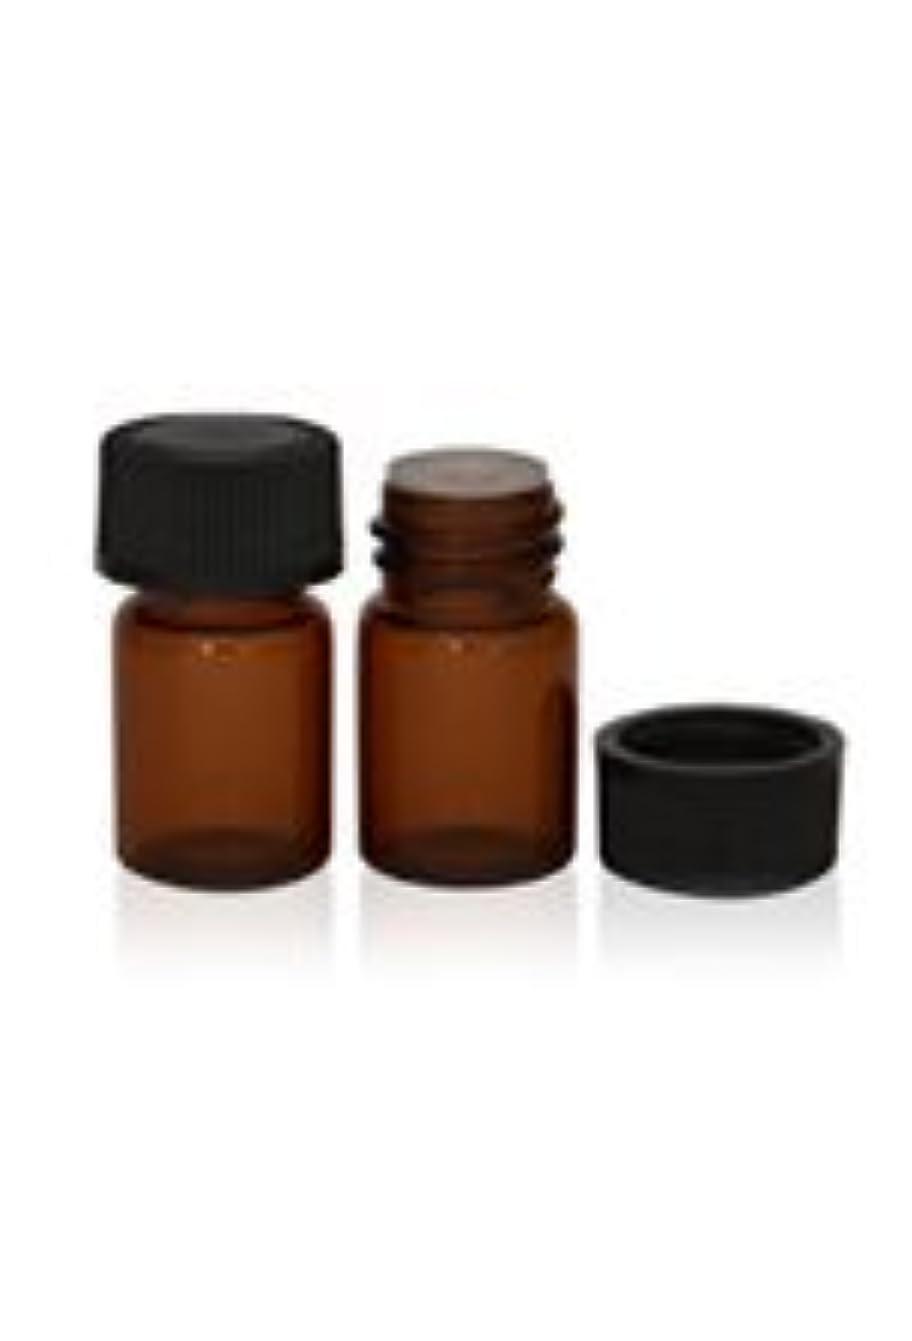 側面窒息させる実行可能doTERRAドテラ ミニ ボトル ミニボトル 2ml 24本 精油 エッセンシャルオイル 遮光ビン